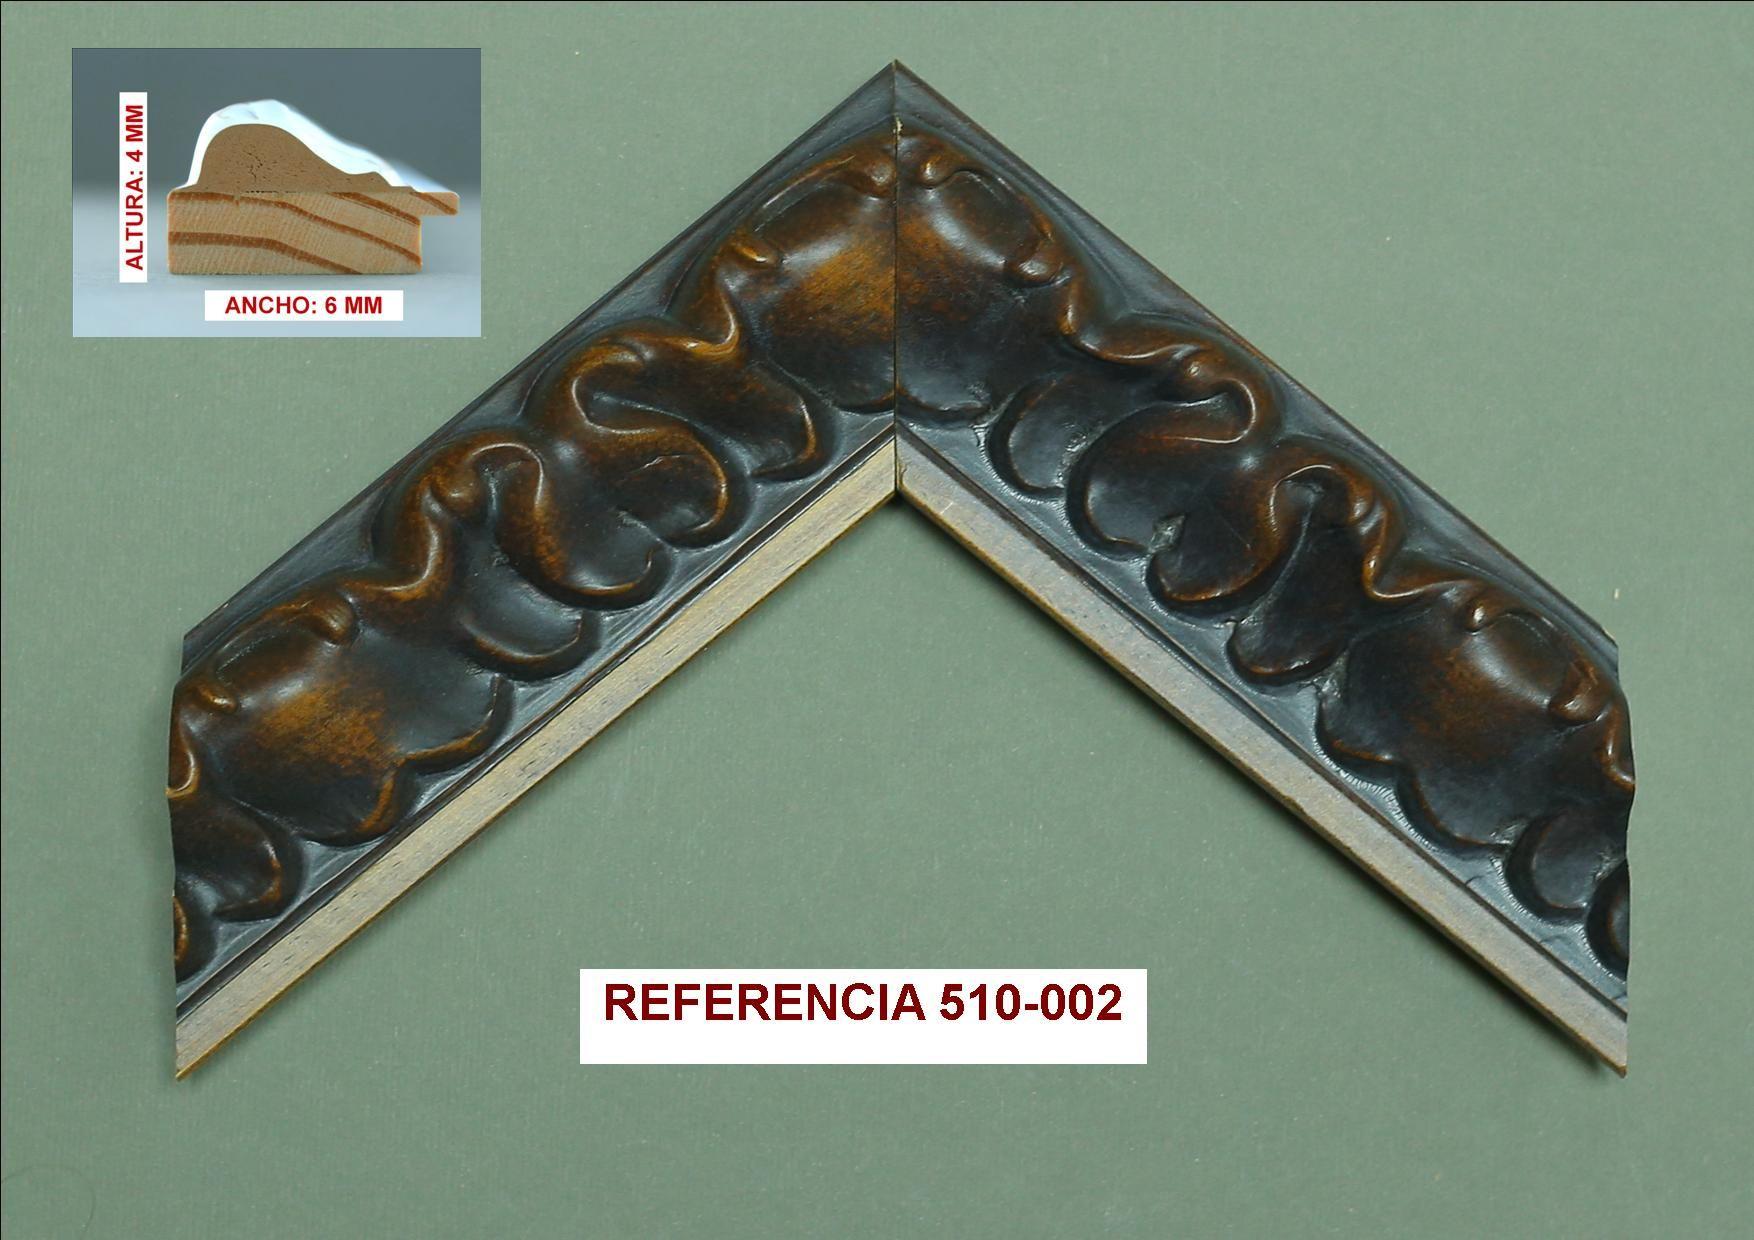 Referencia 510-002: Muestrario de Moldusevilla